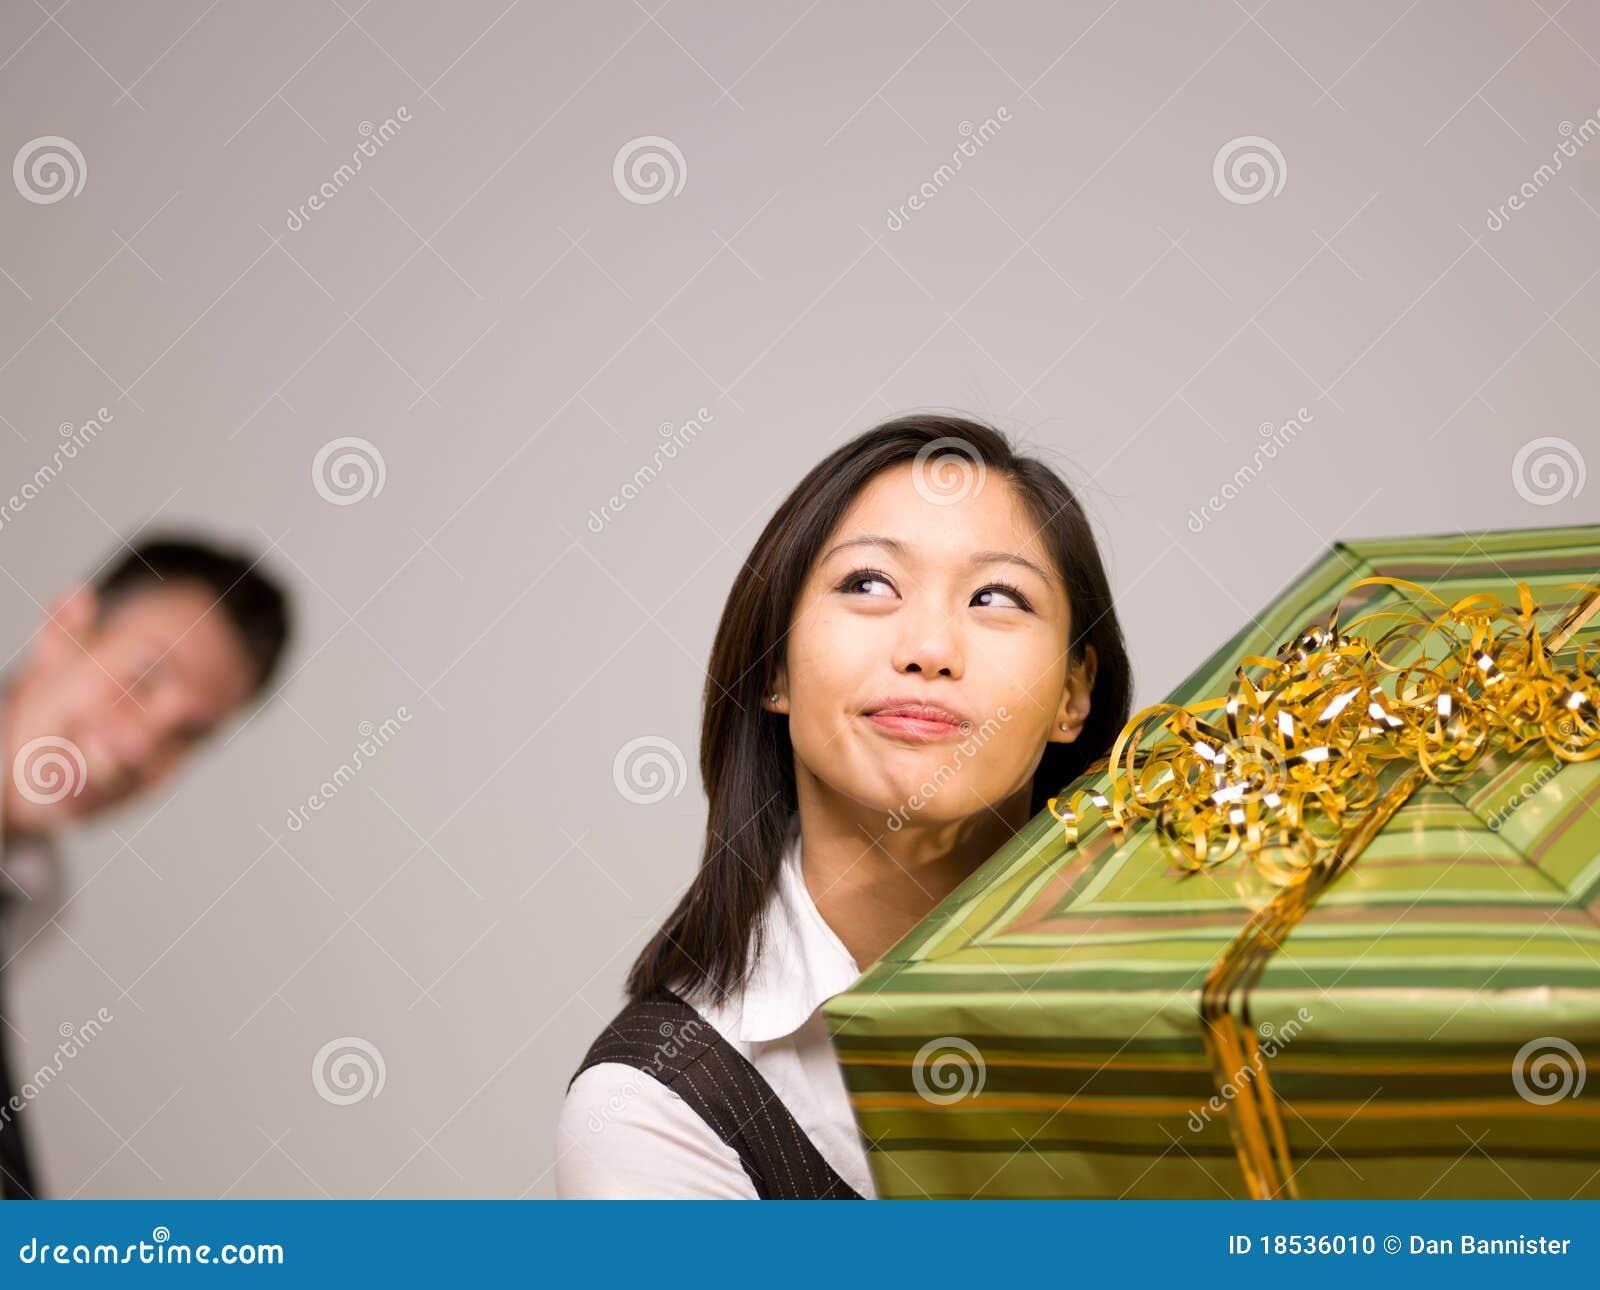 eine asiatische frau und ein geschenk stockfoto bild von erregen freude 18536010. Black Bedroom Furniture Sets. Home Design Ideas